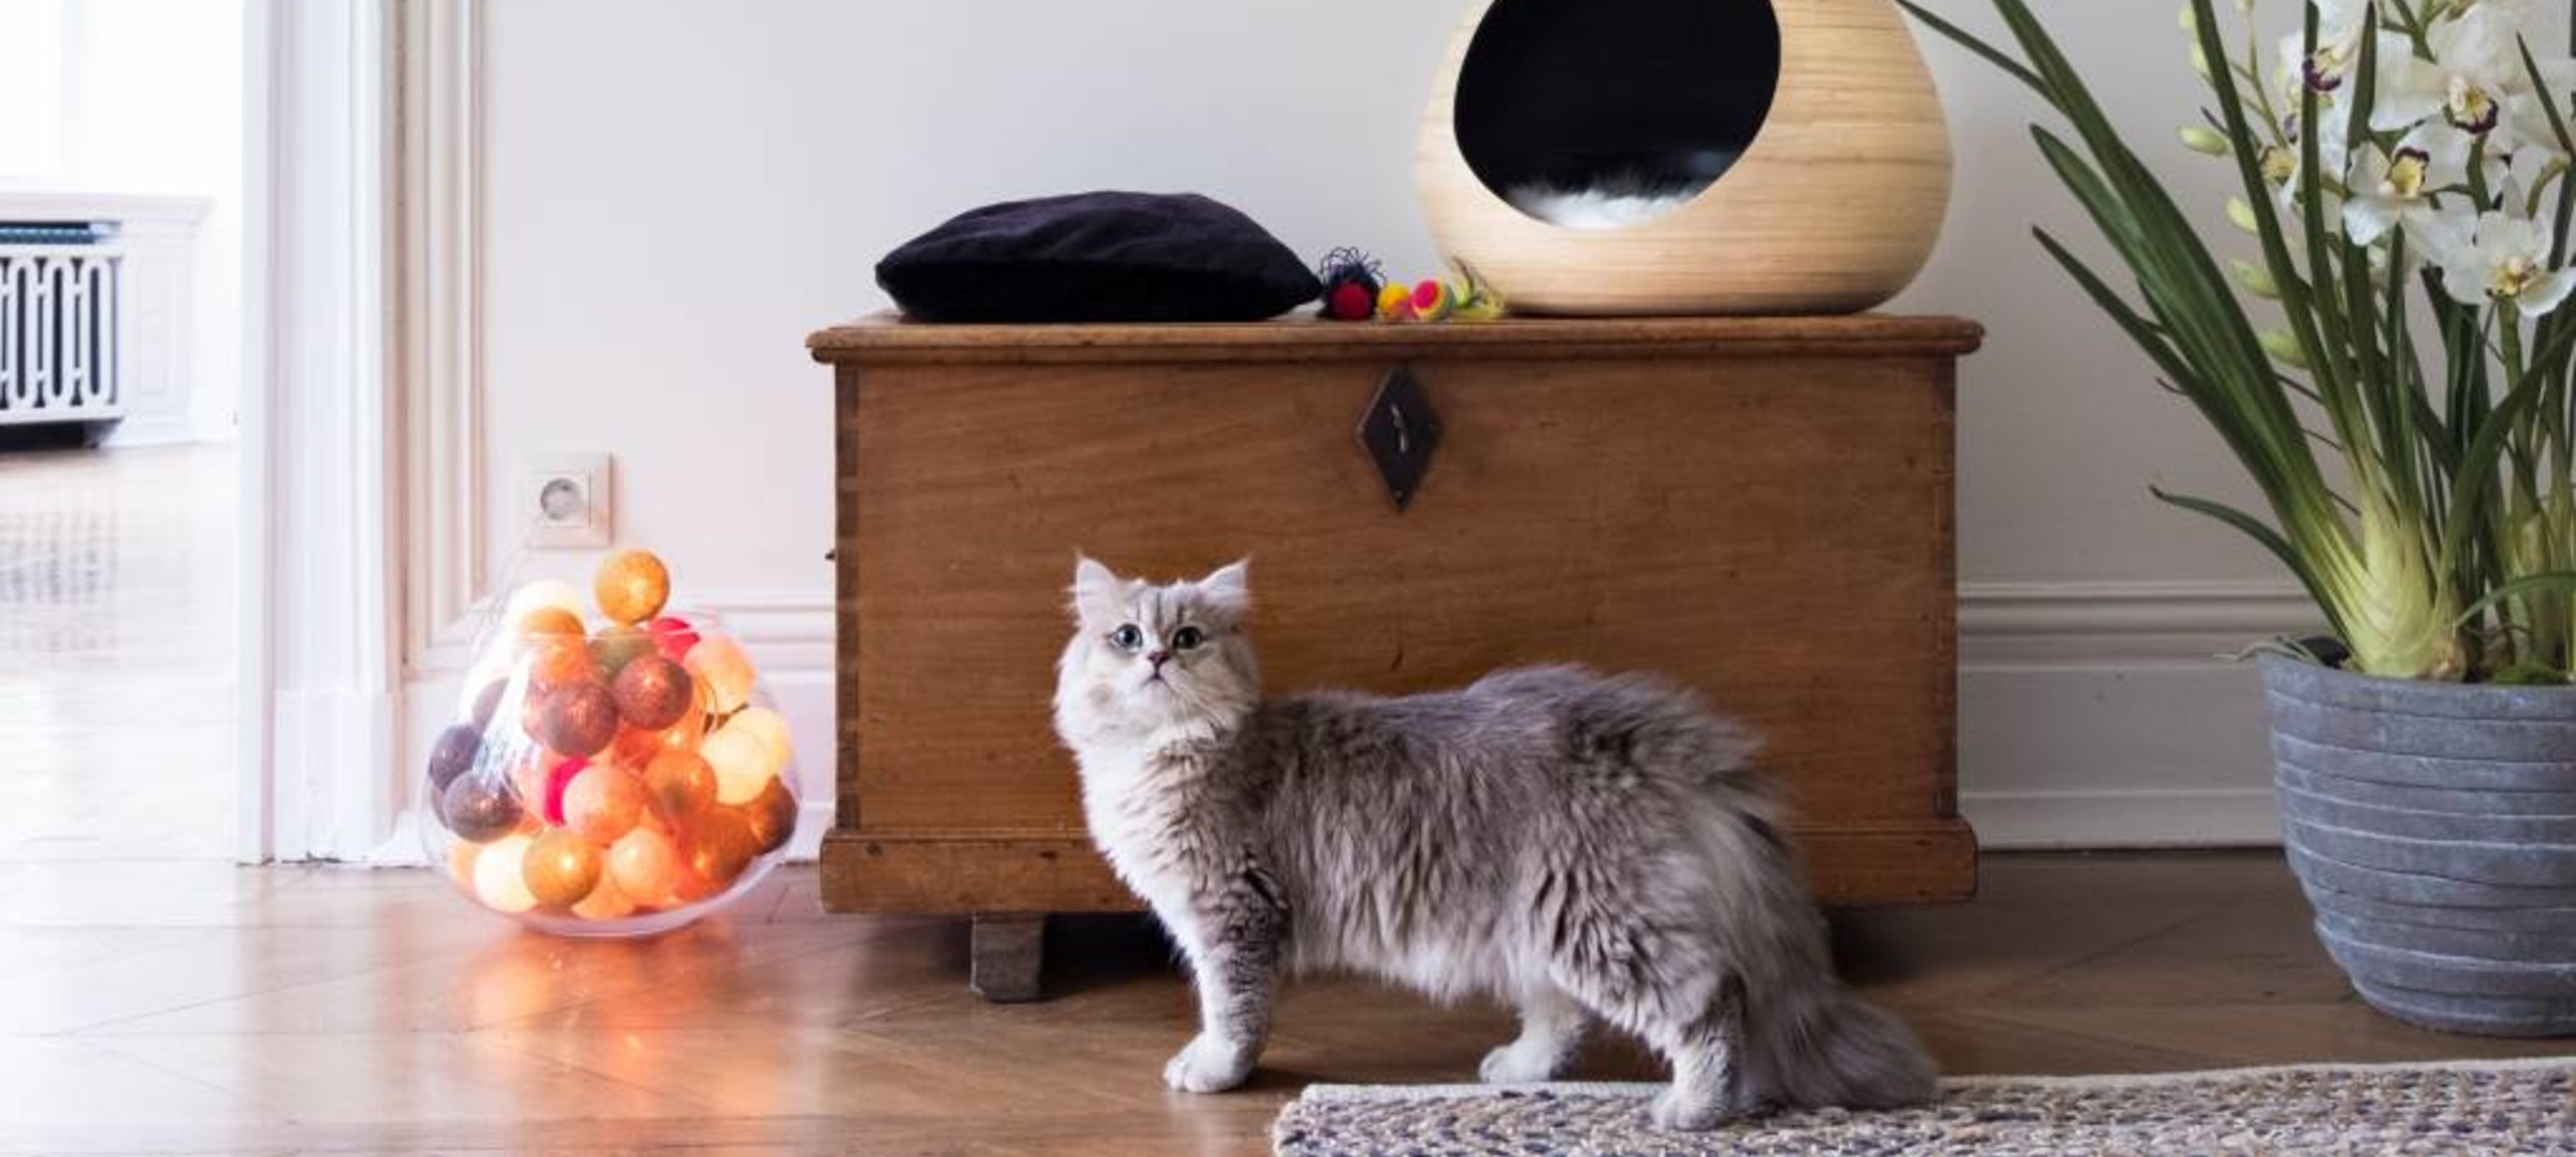 Millieuverrijking voor katten